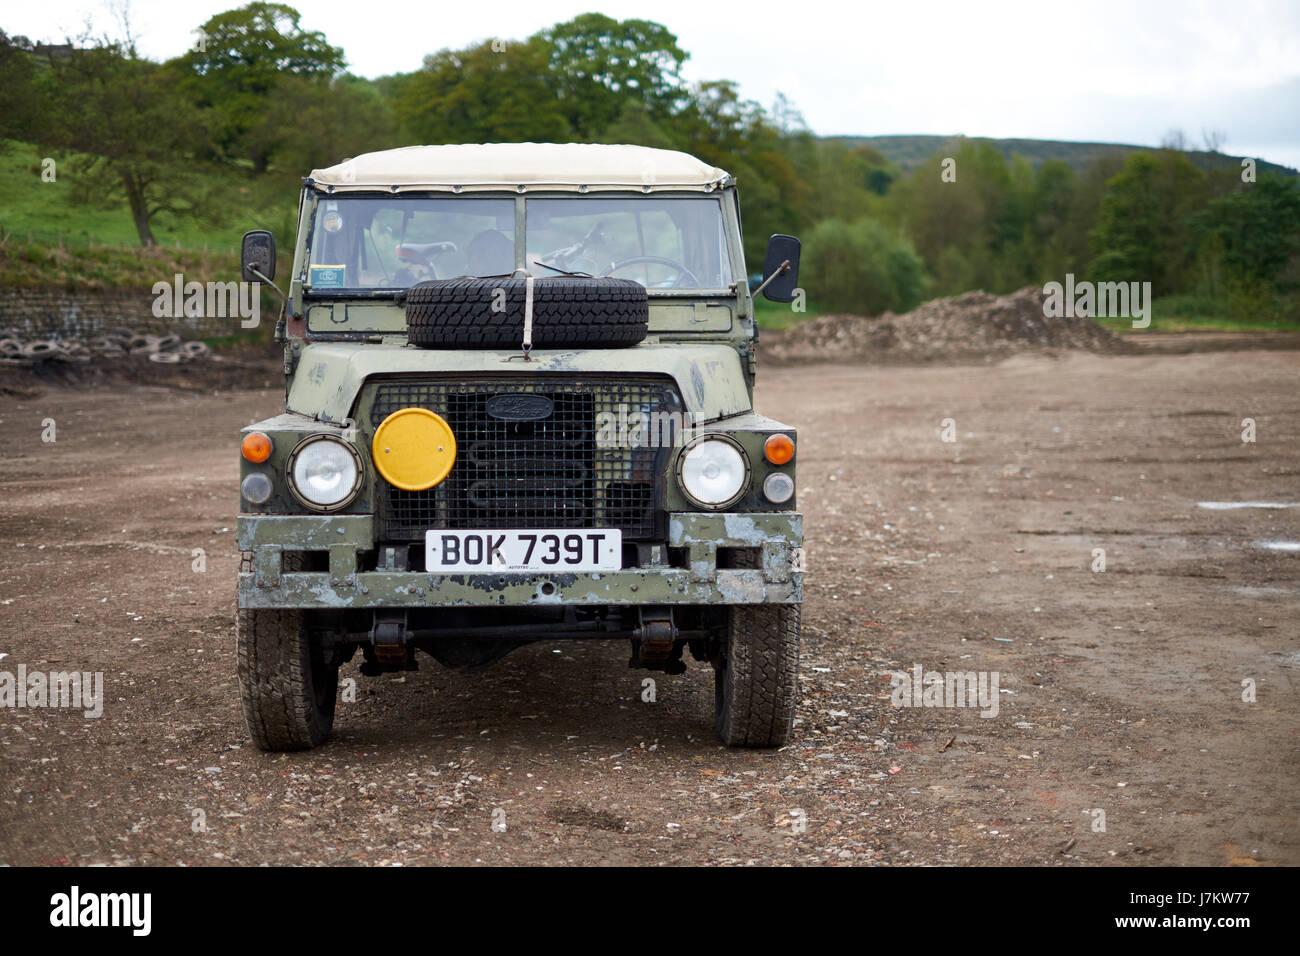 Geringes Gewicht 1/2 Tonne Land Rover in militärische Tarnung Stockbild